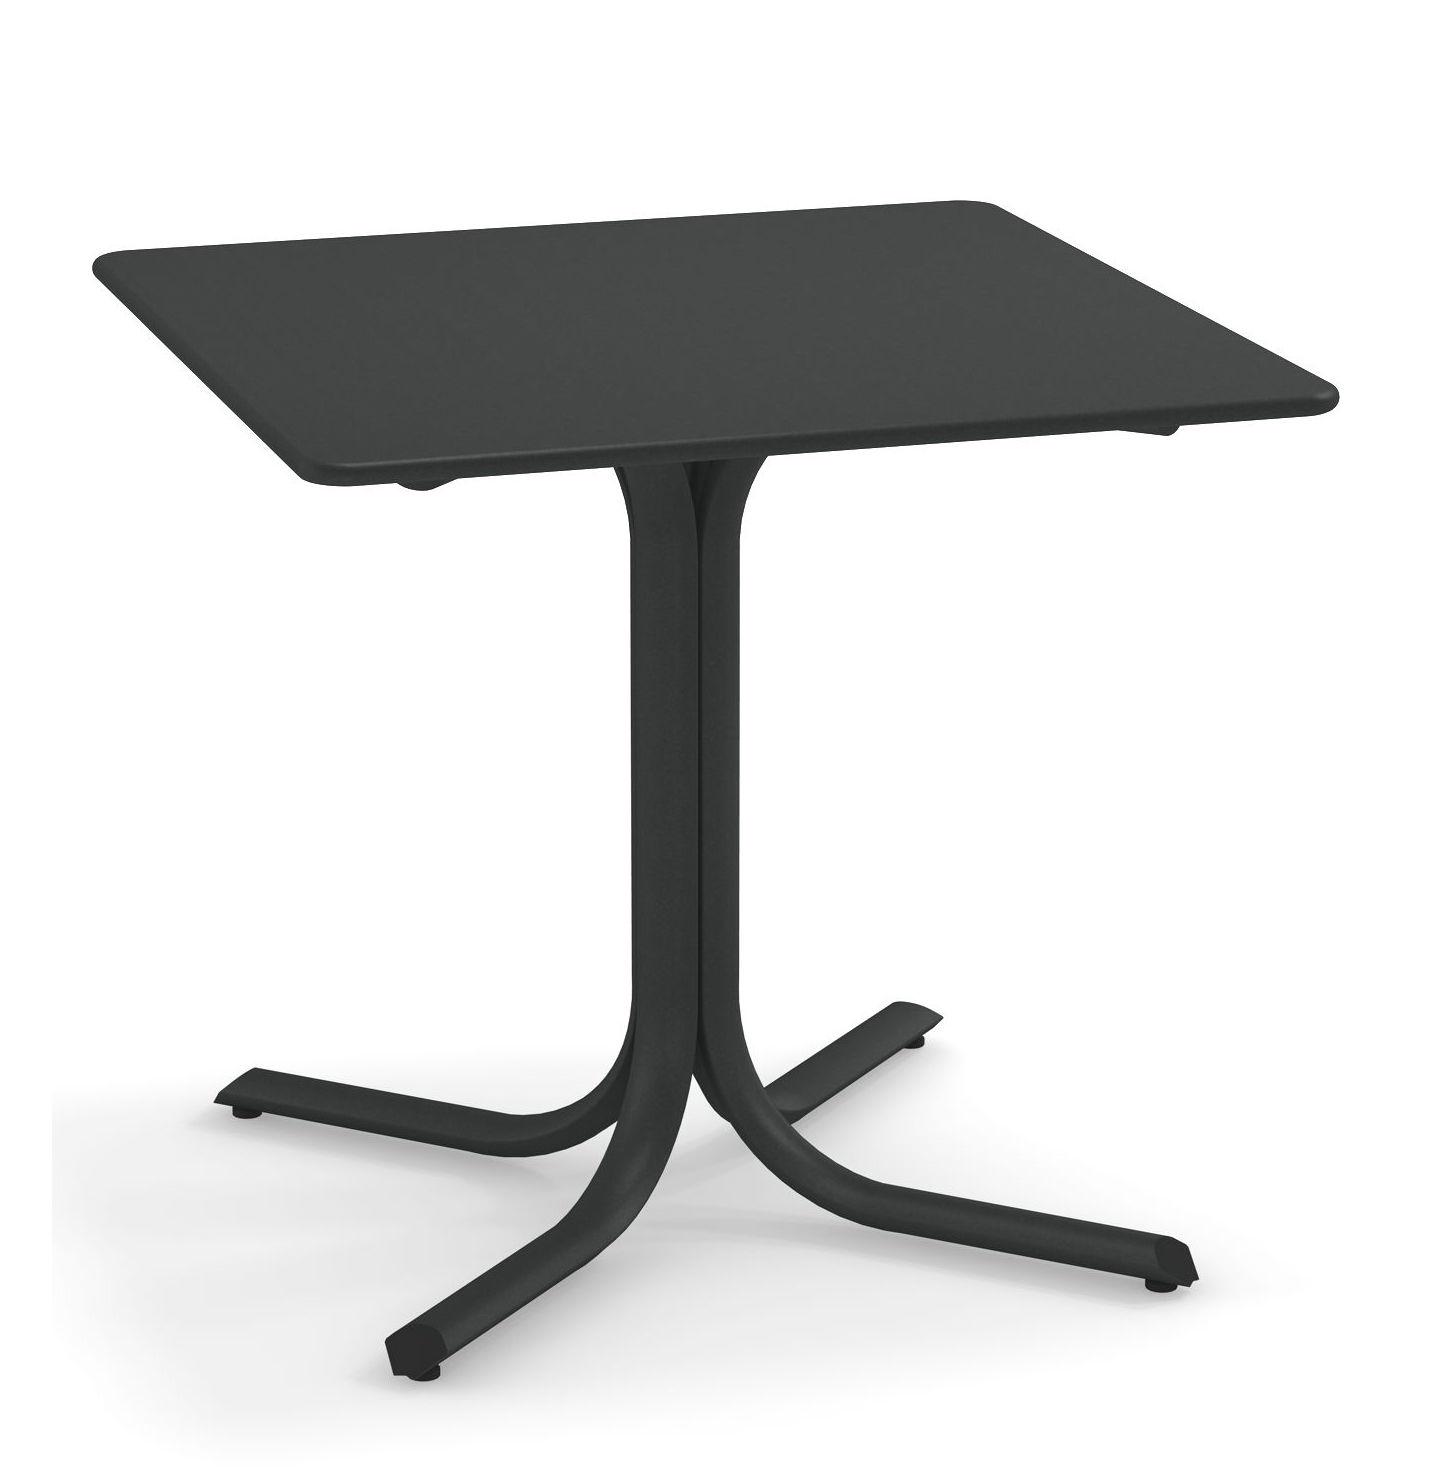 Outdoor - Tables de jardin - Table carrée System / 80 x 80 cm - Emu - Fer Antique - Acier peint galvanisé